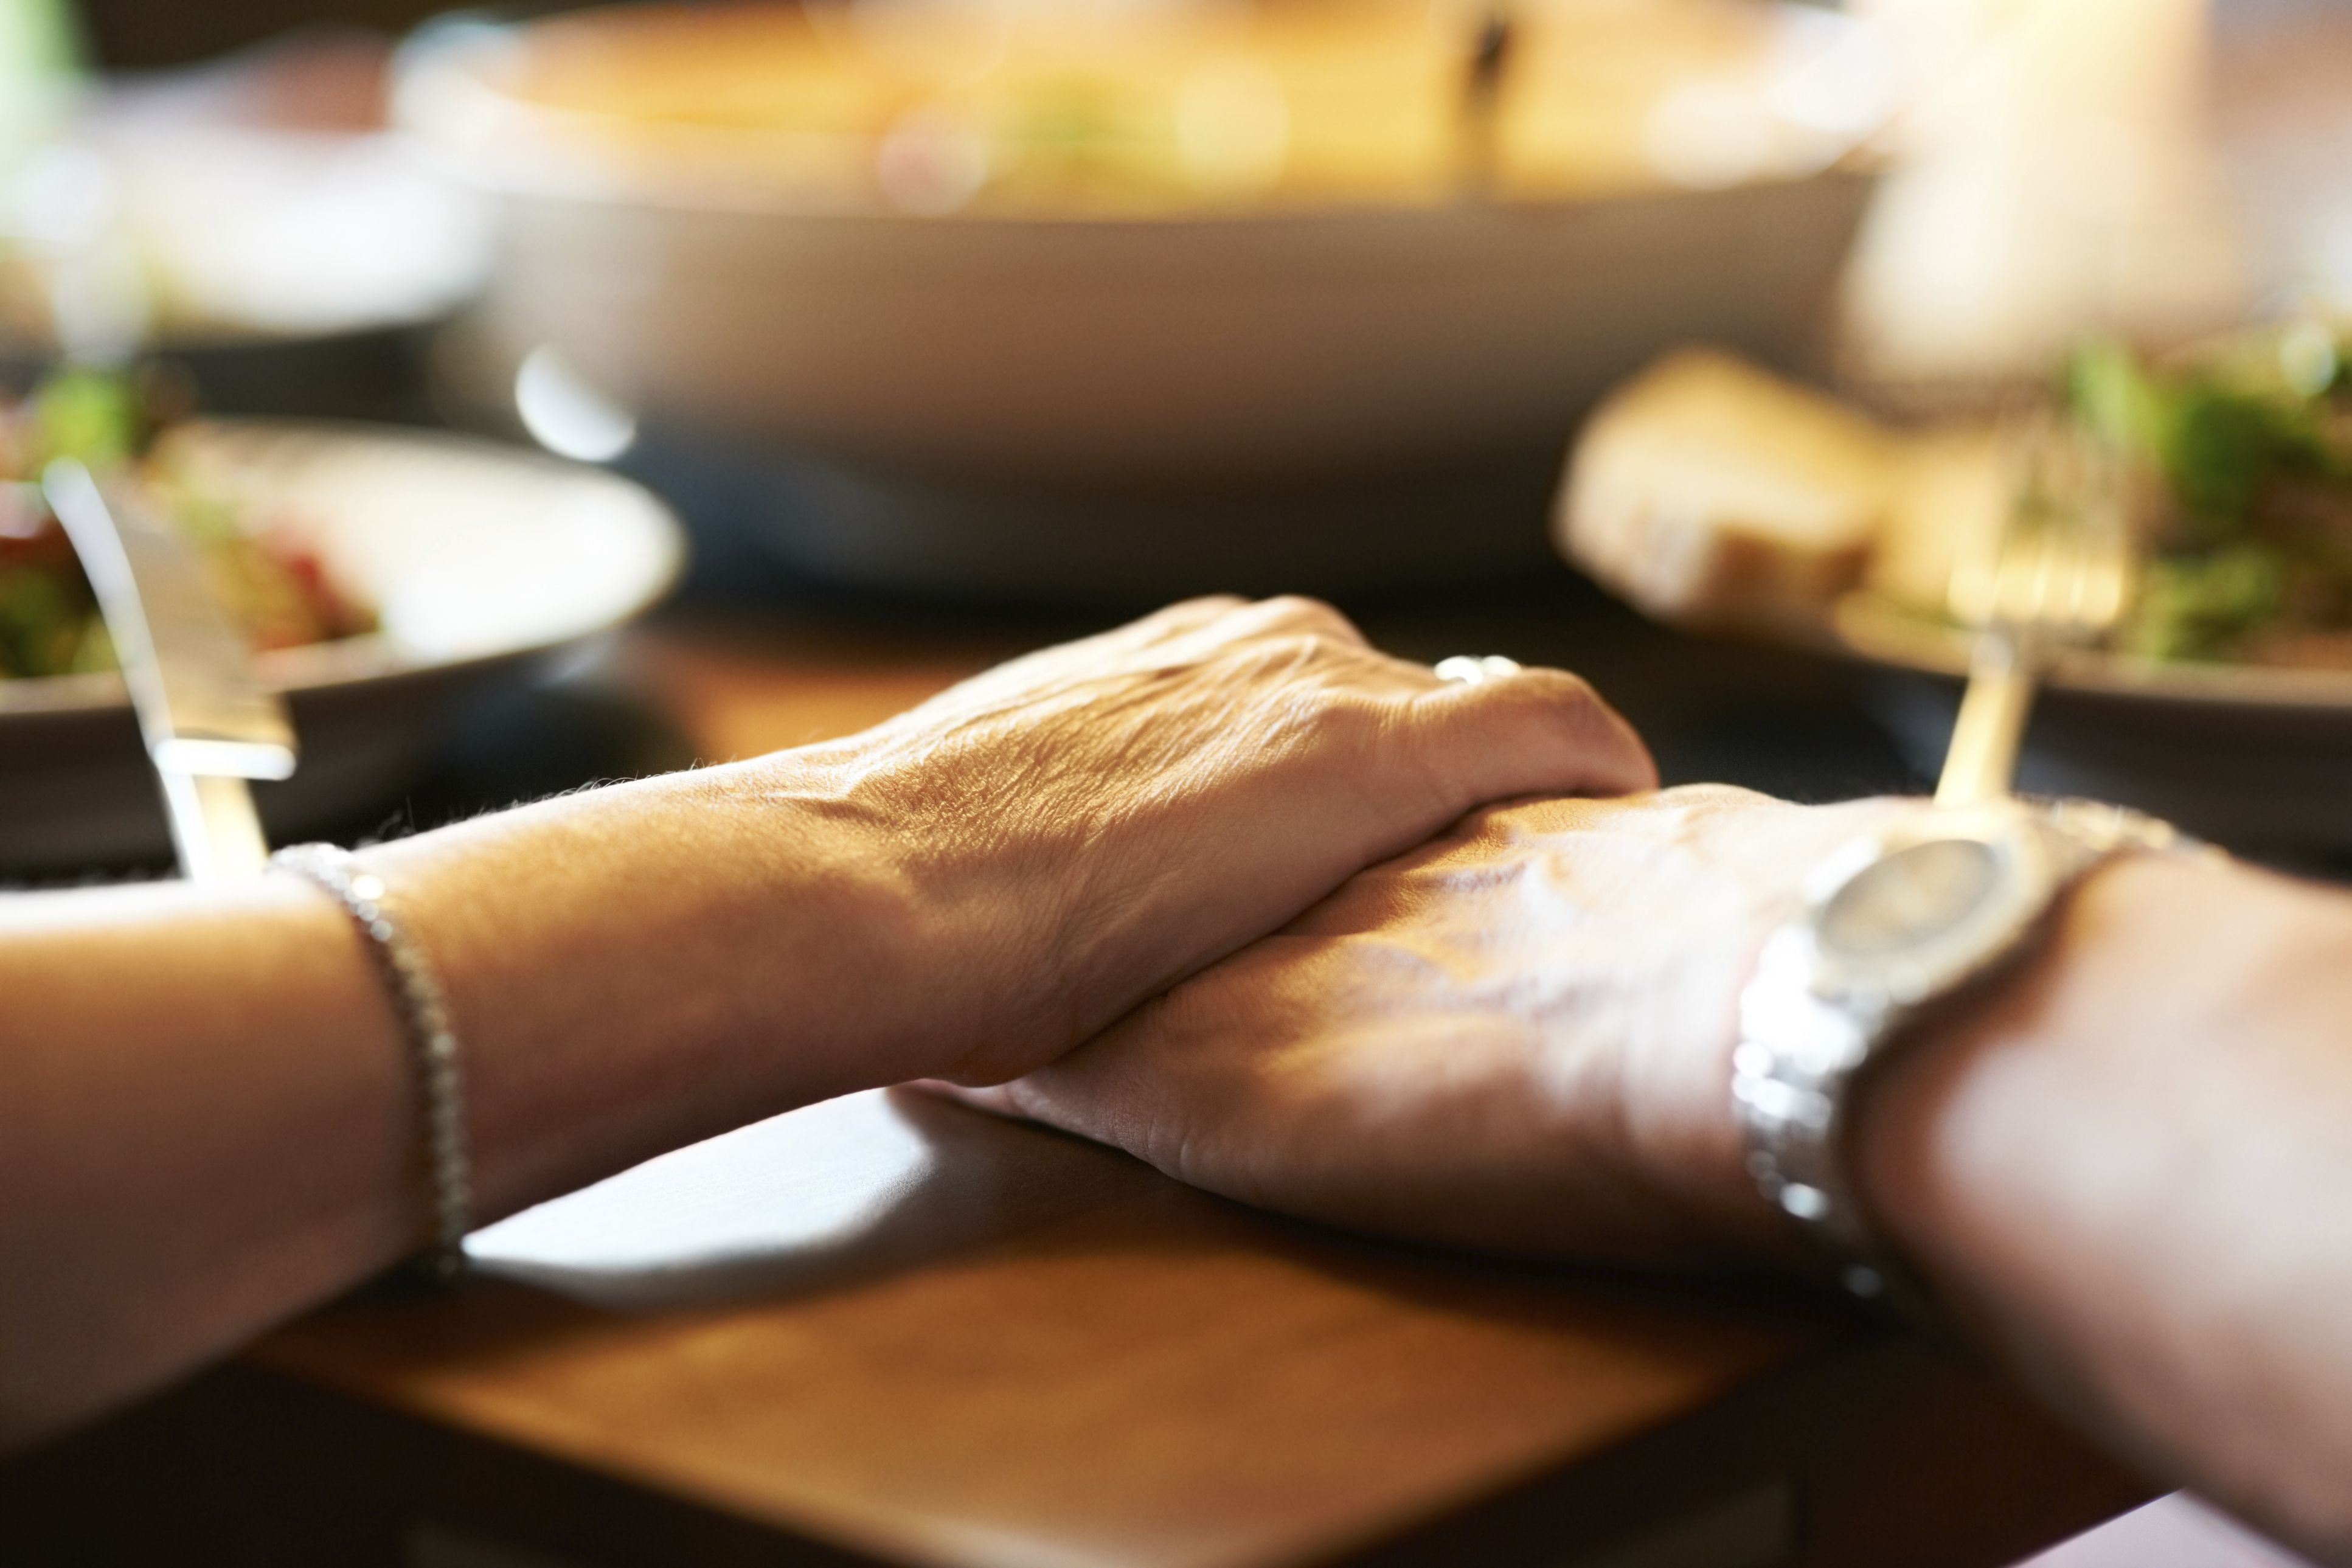 176678753-hand-holding-dinner-56a514d65f9b58b7d0dac685